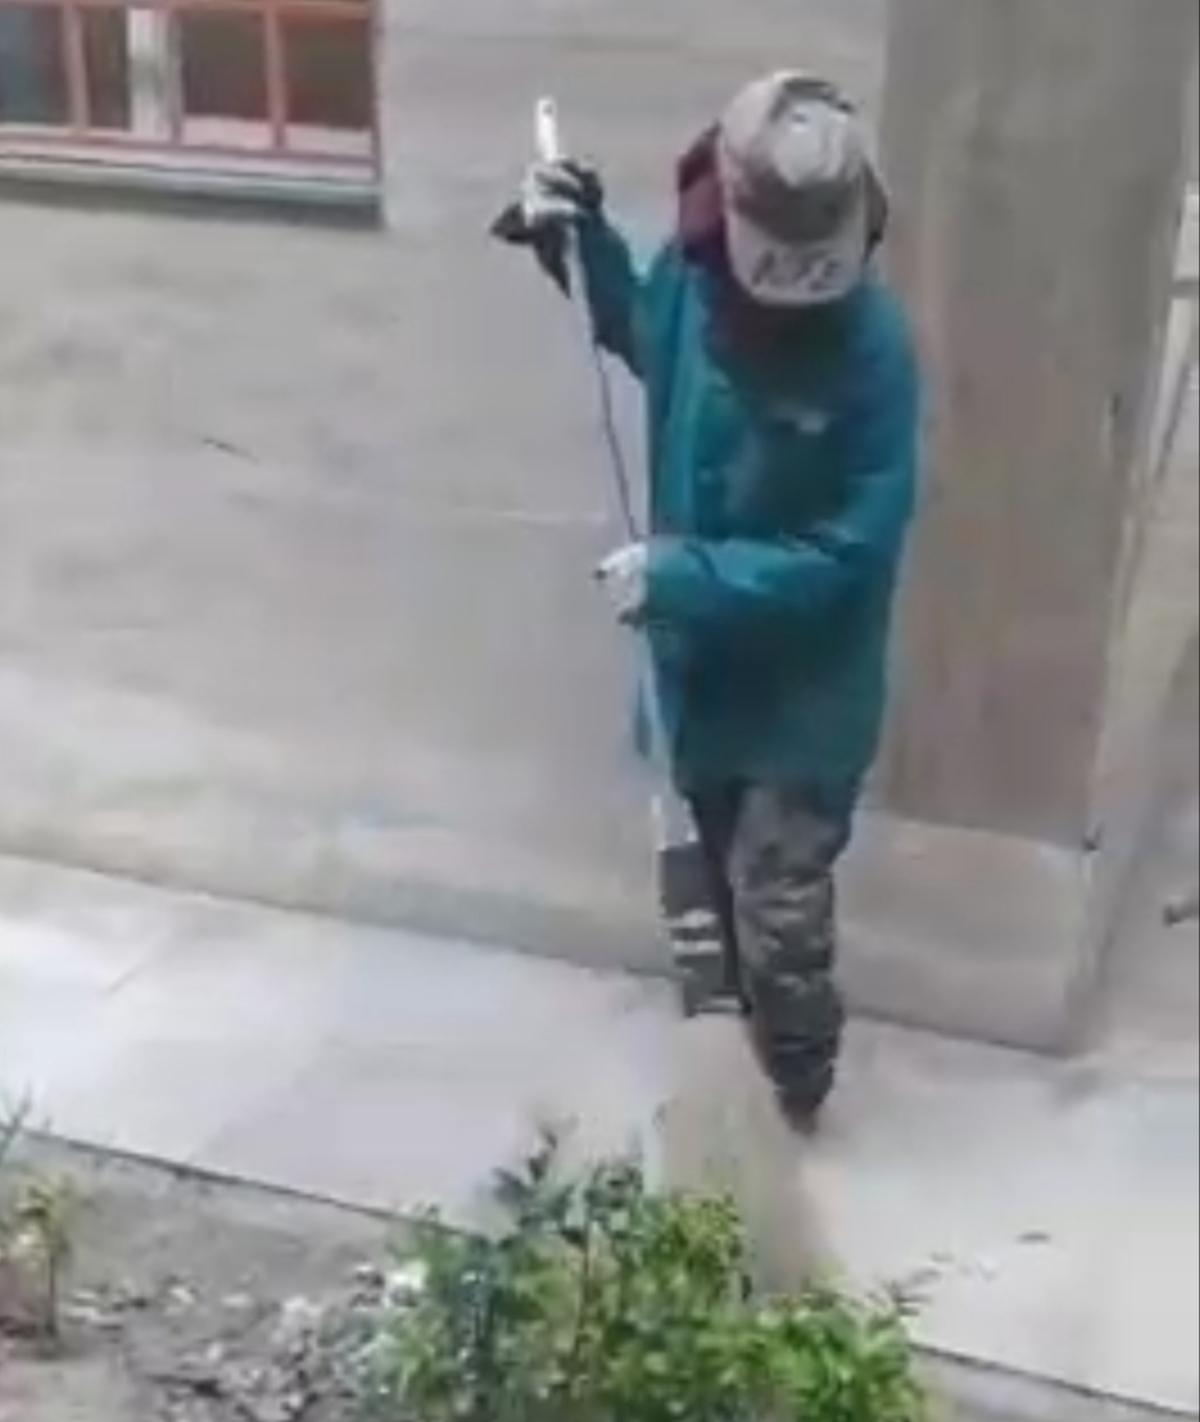 دختر که مدتی بجای پدر پاکبان پیرش میاد و پارک شهر خرم آباد رو تمیز میکنه! + ویدئو